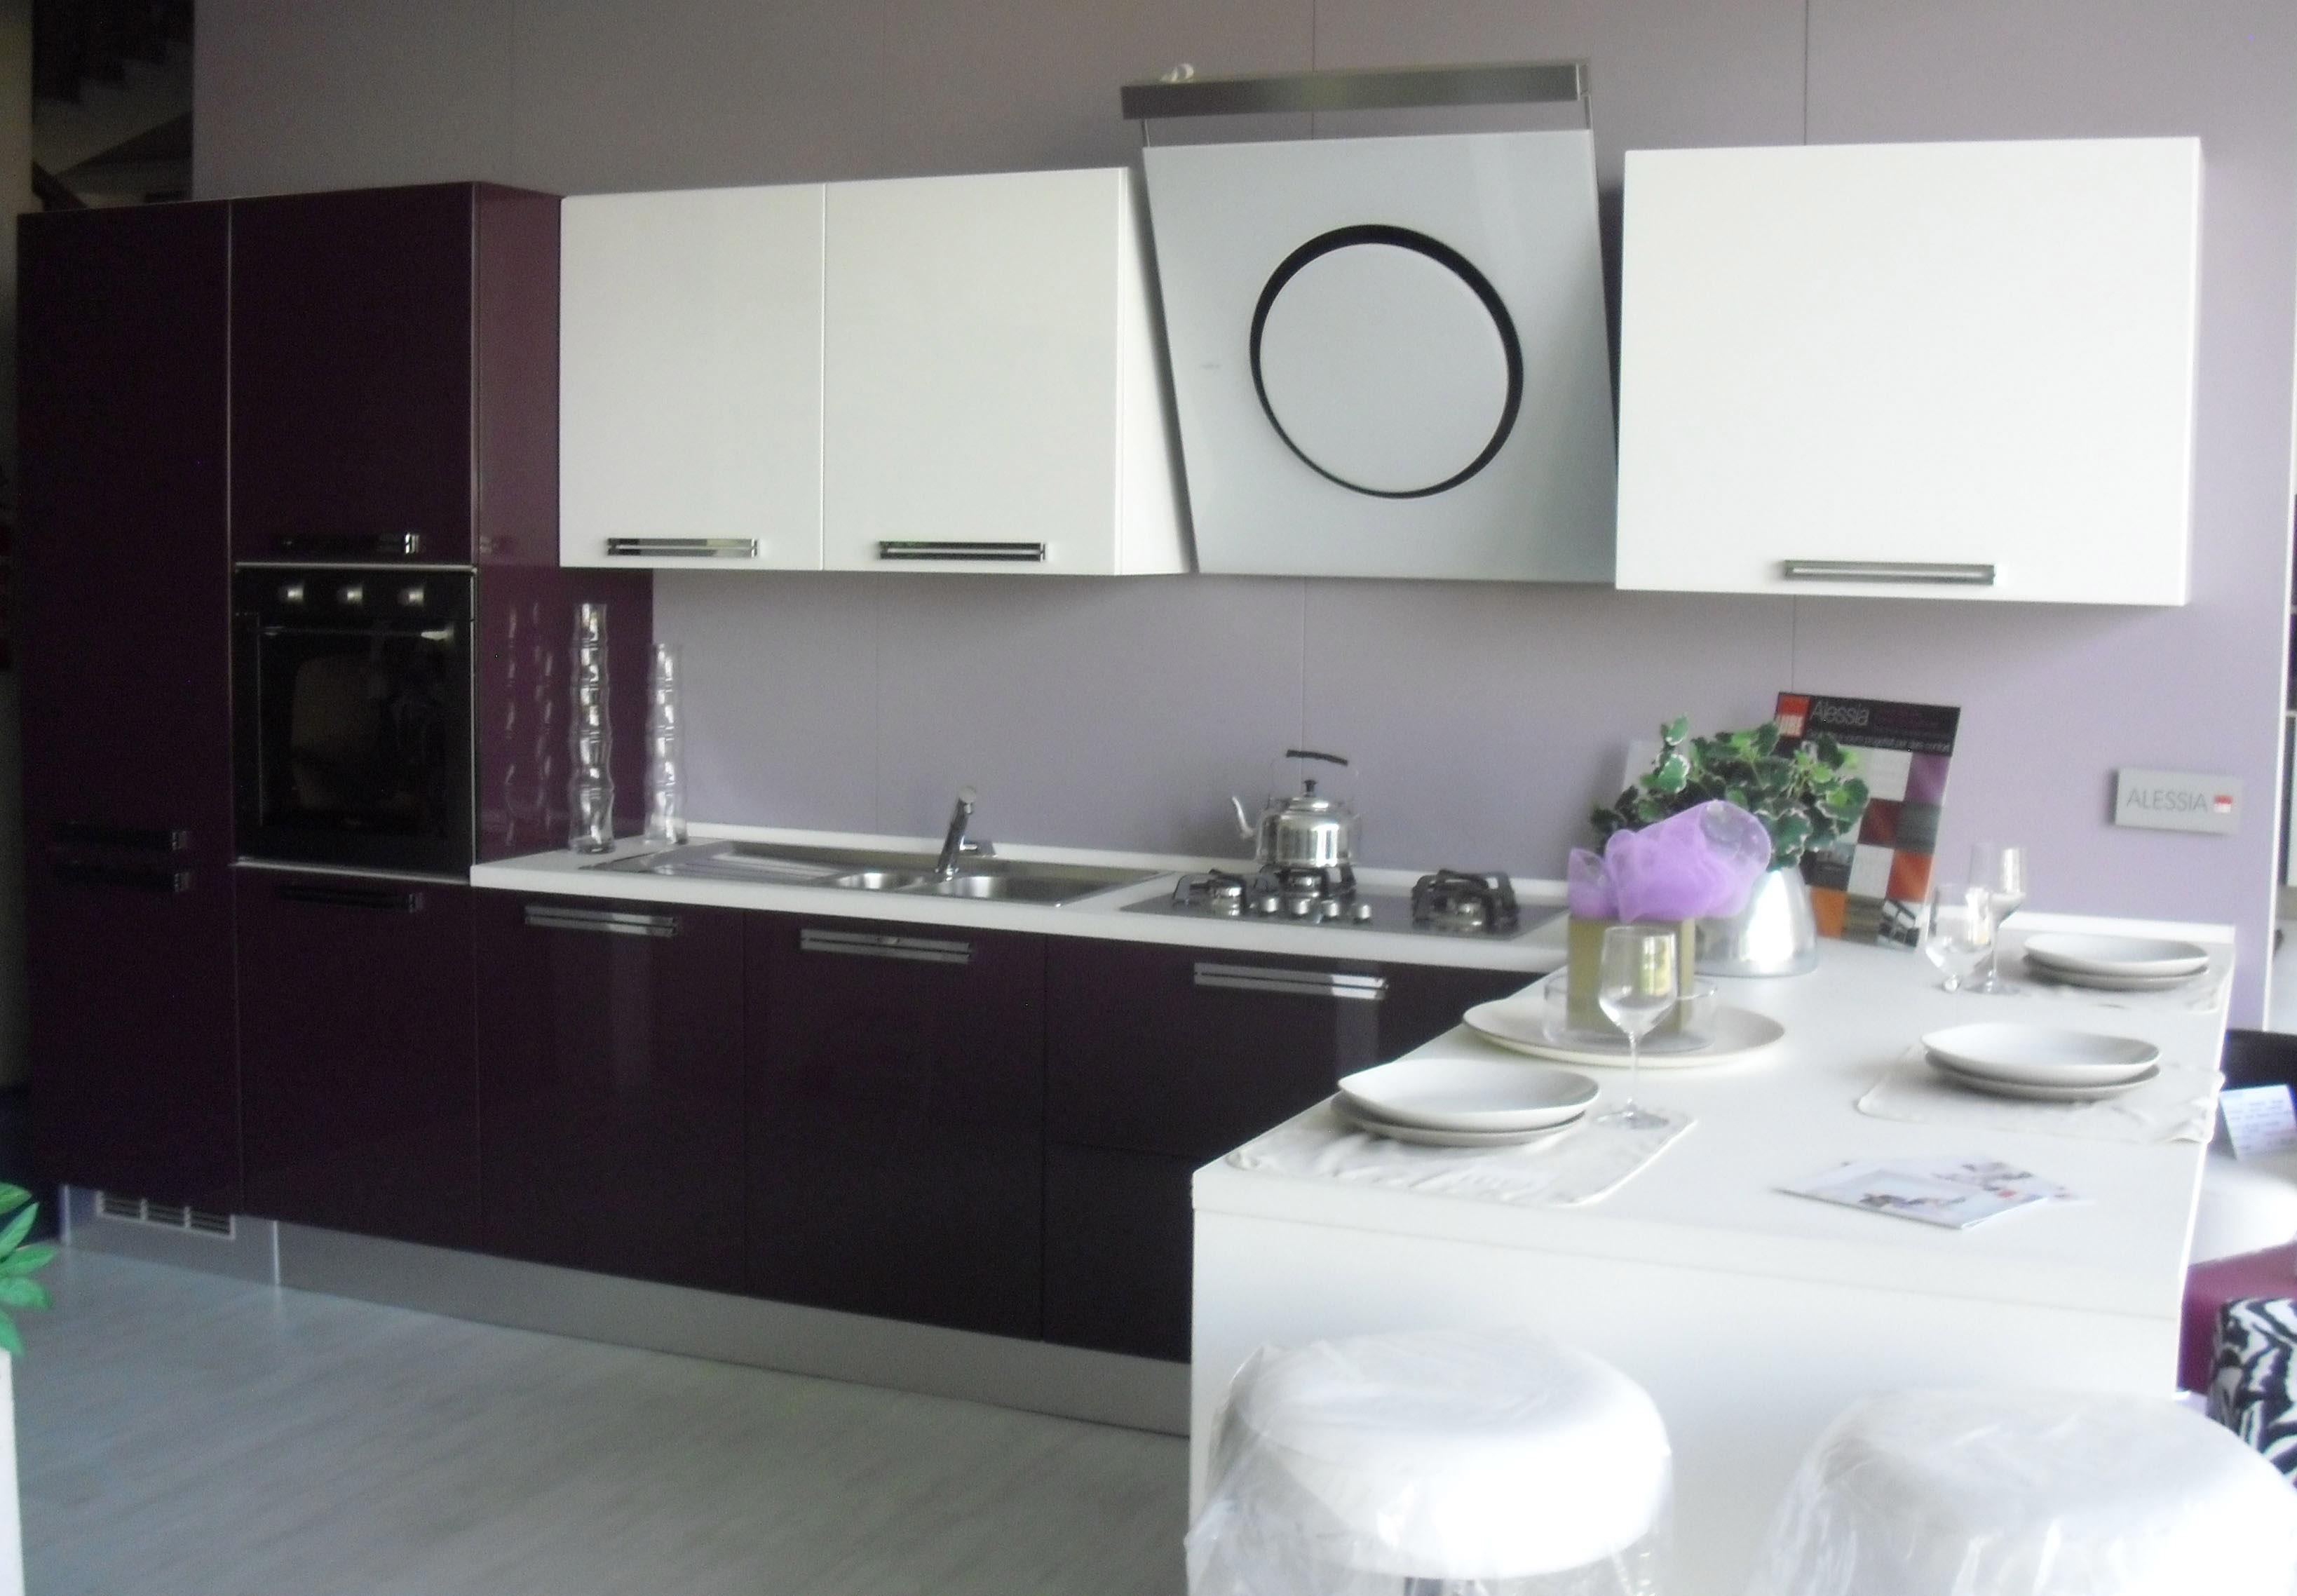 Cucine Lube Modello Alessia : Cucina lube cucine alessia polimerico lucido a